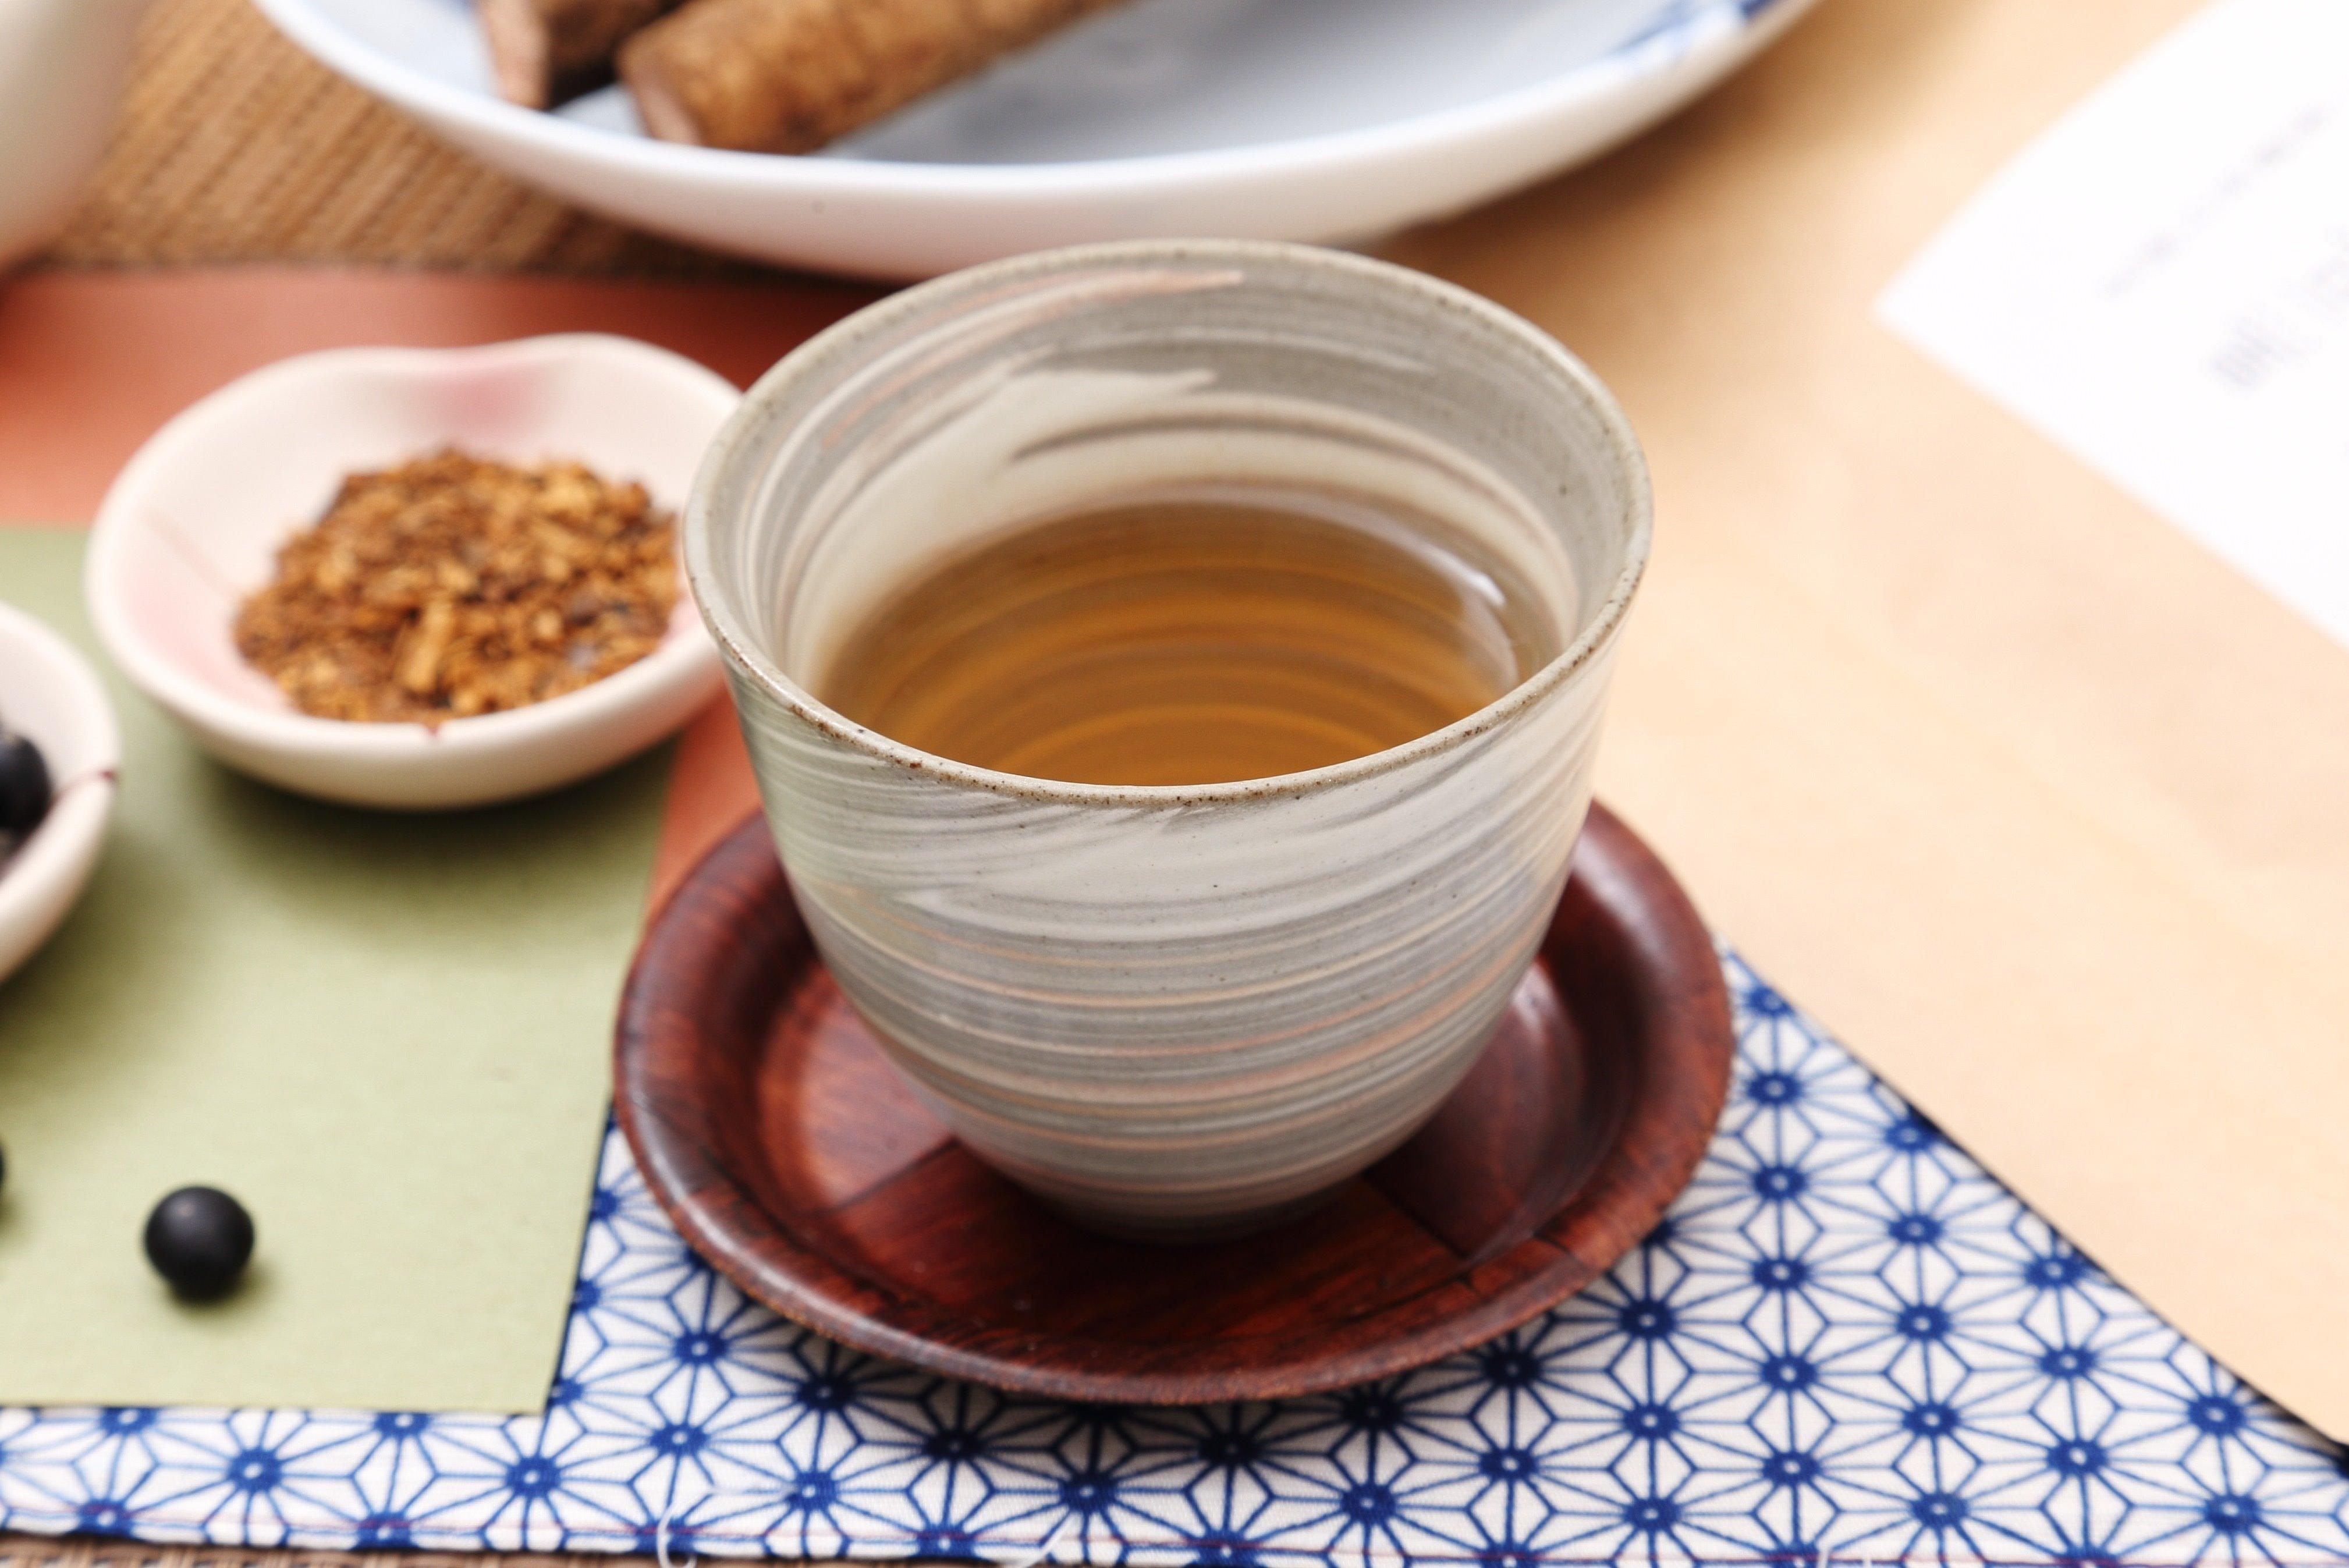 黒豆ごぼう茶 国産 2.5g x50包 九州産ごぼう 北海道産黒豆 深蒸し 遠赤焙煎 有機JAS工場製造 送料無料